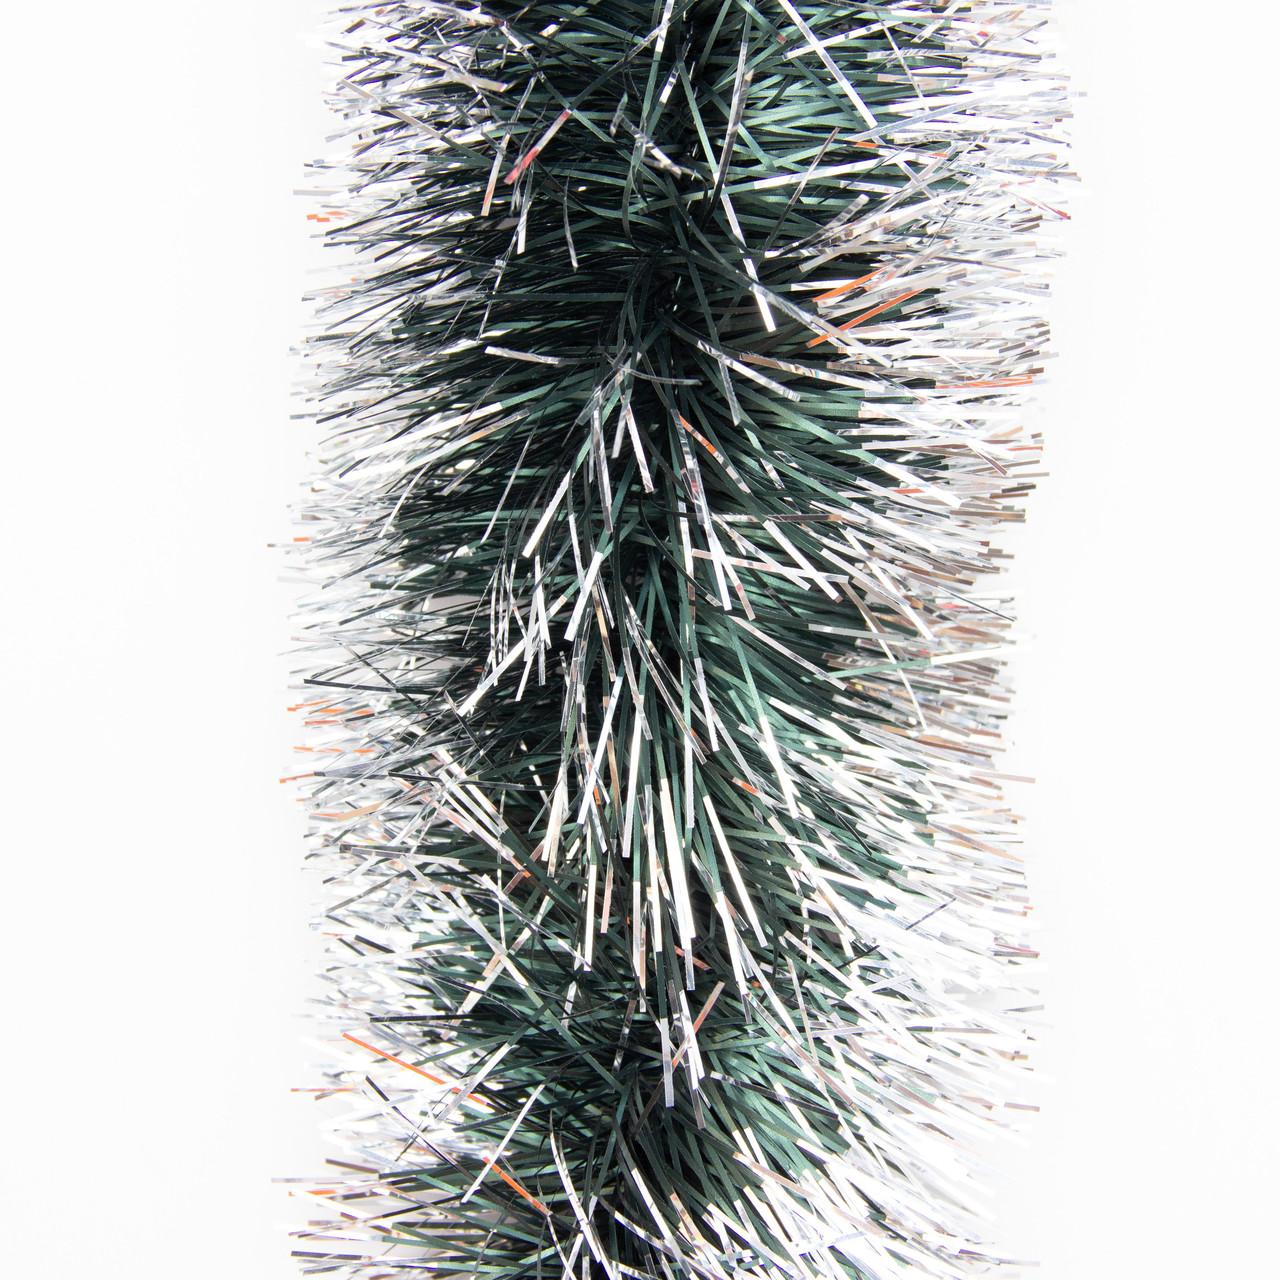 Новогоднее украшение - мишура, 200*9 см, ПВХ, зелено-серебристый (ГК-90/2-5)